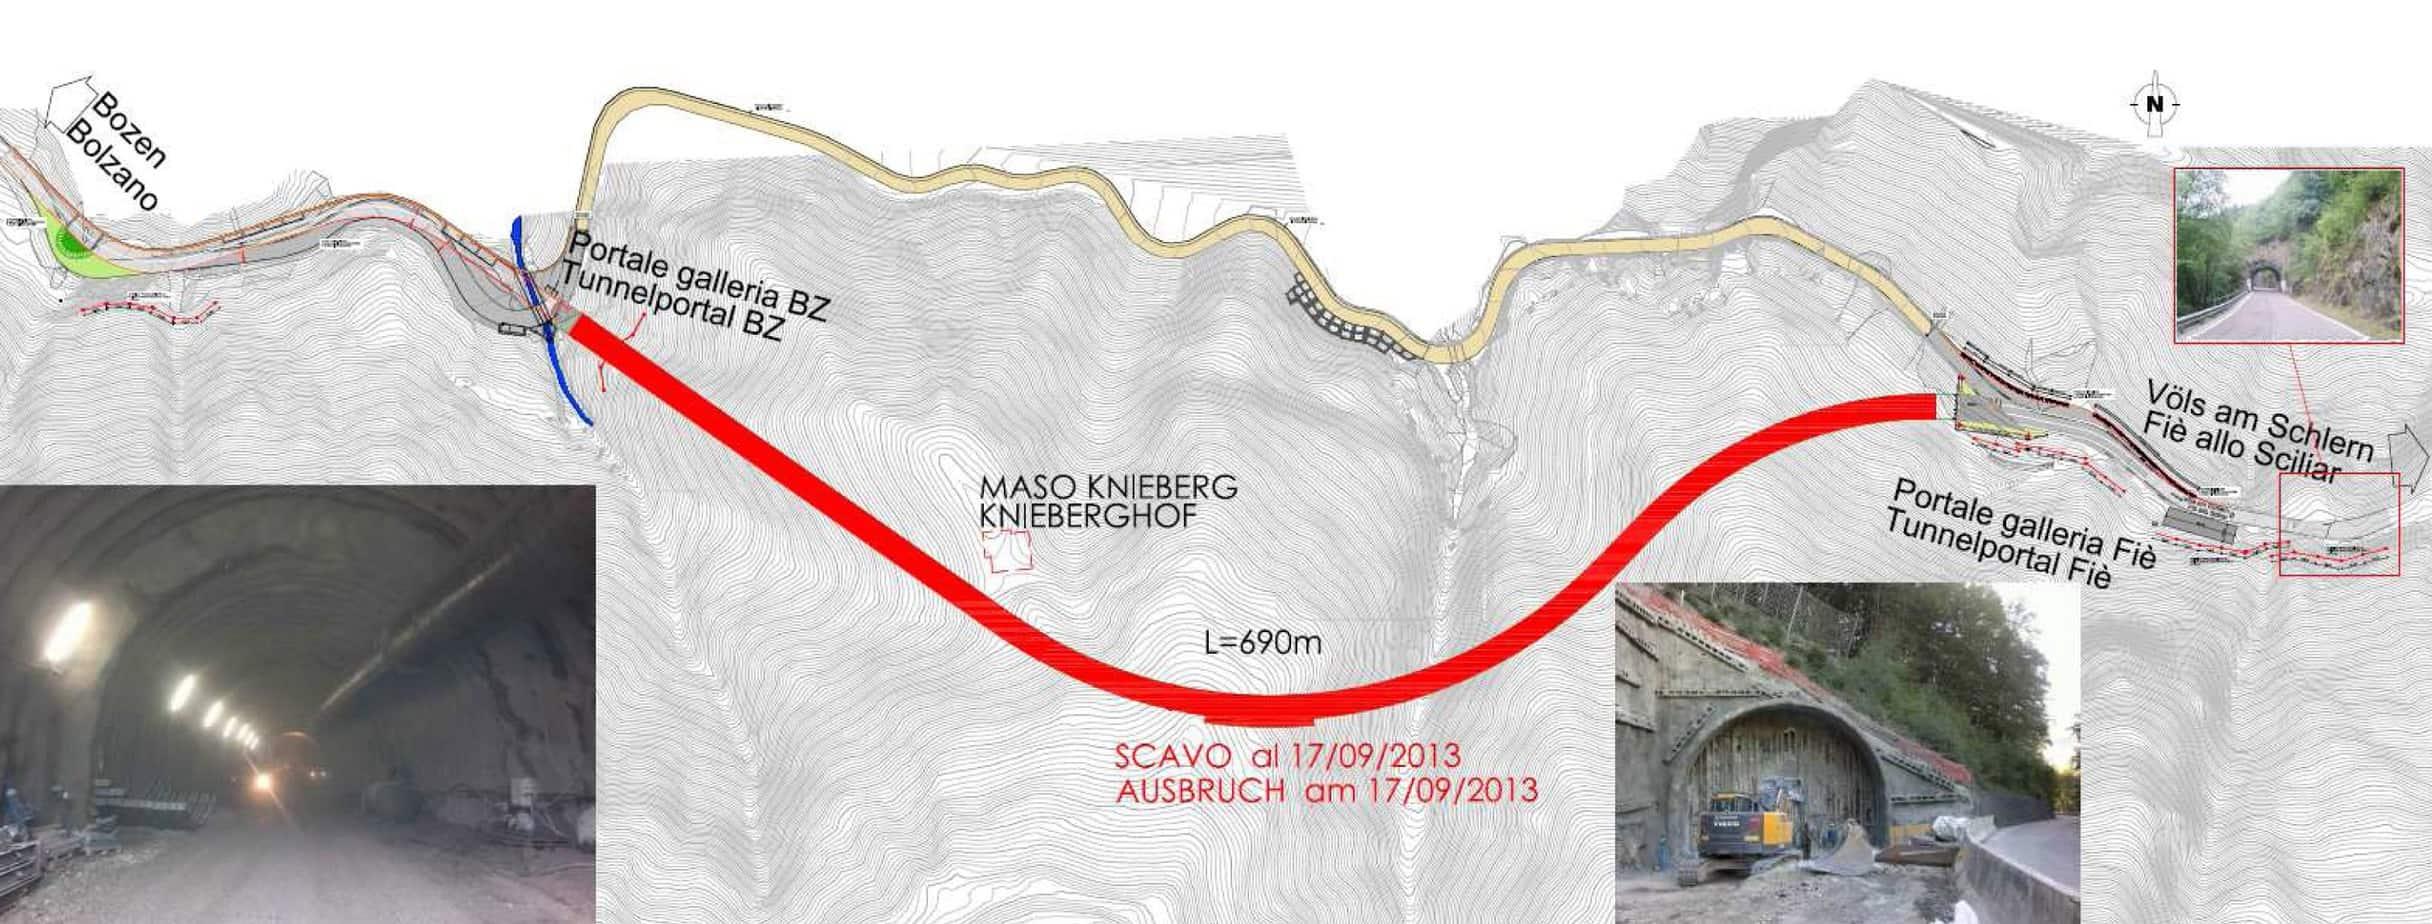 La lunghezza della galleria definitiva è di 690 m